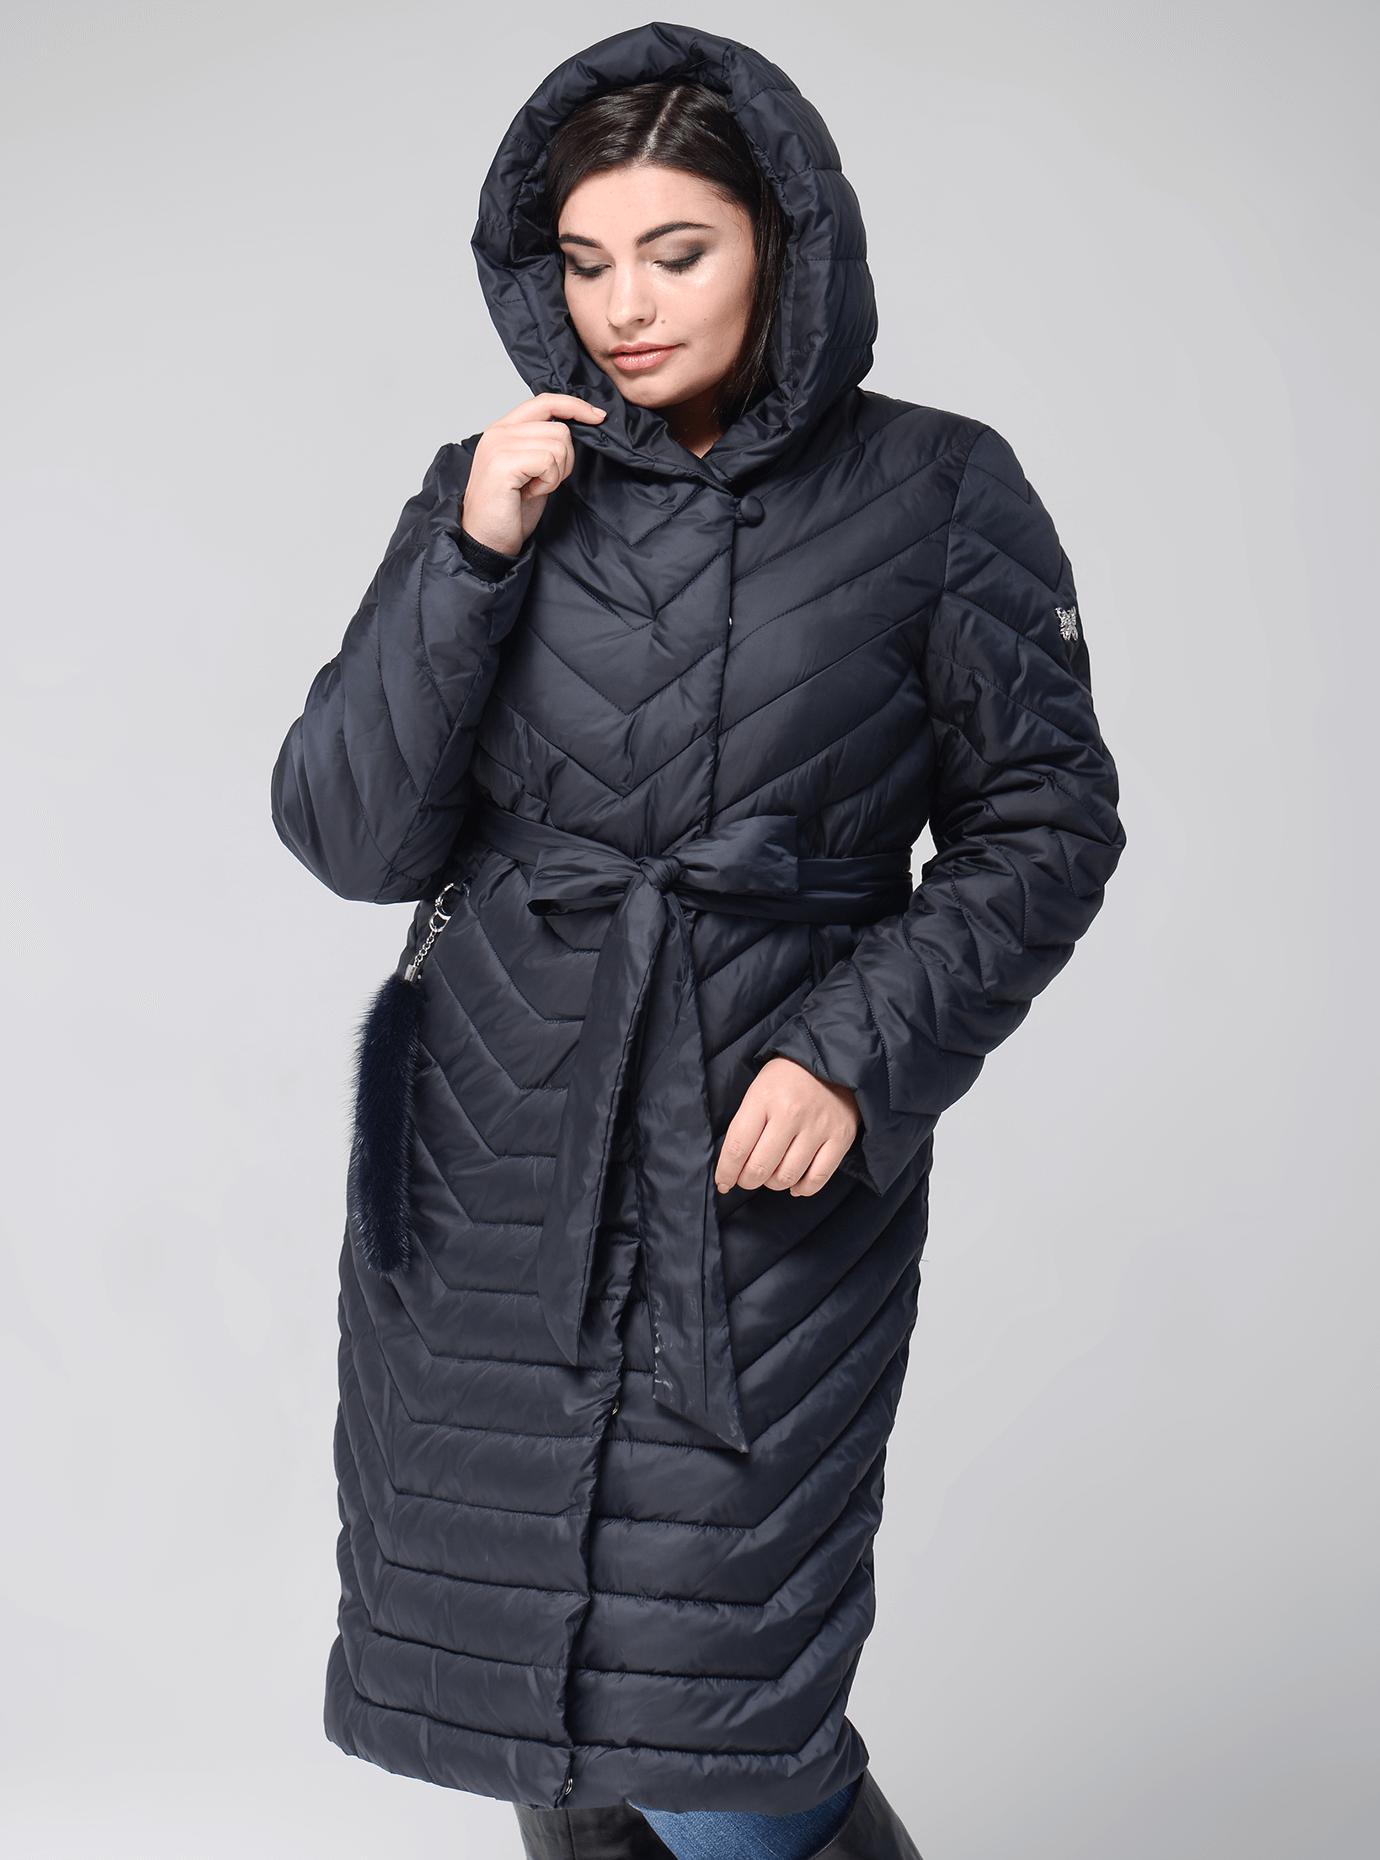 Куртка больших размеров зимняя с поясом Графитовый 50 (02-BF19182): фото - Alster.ua